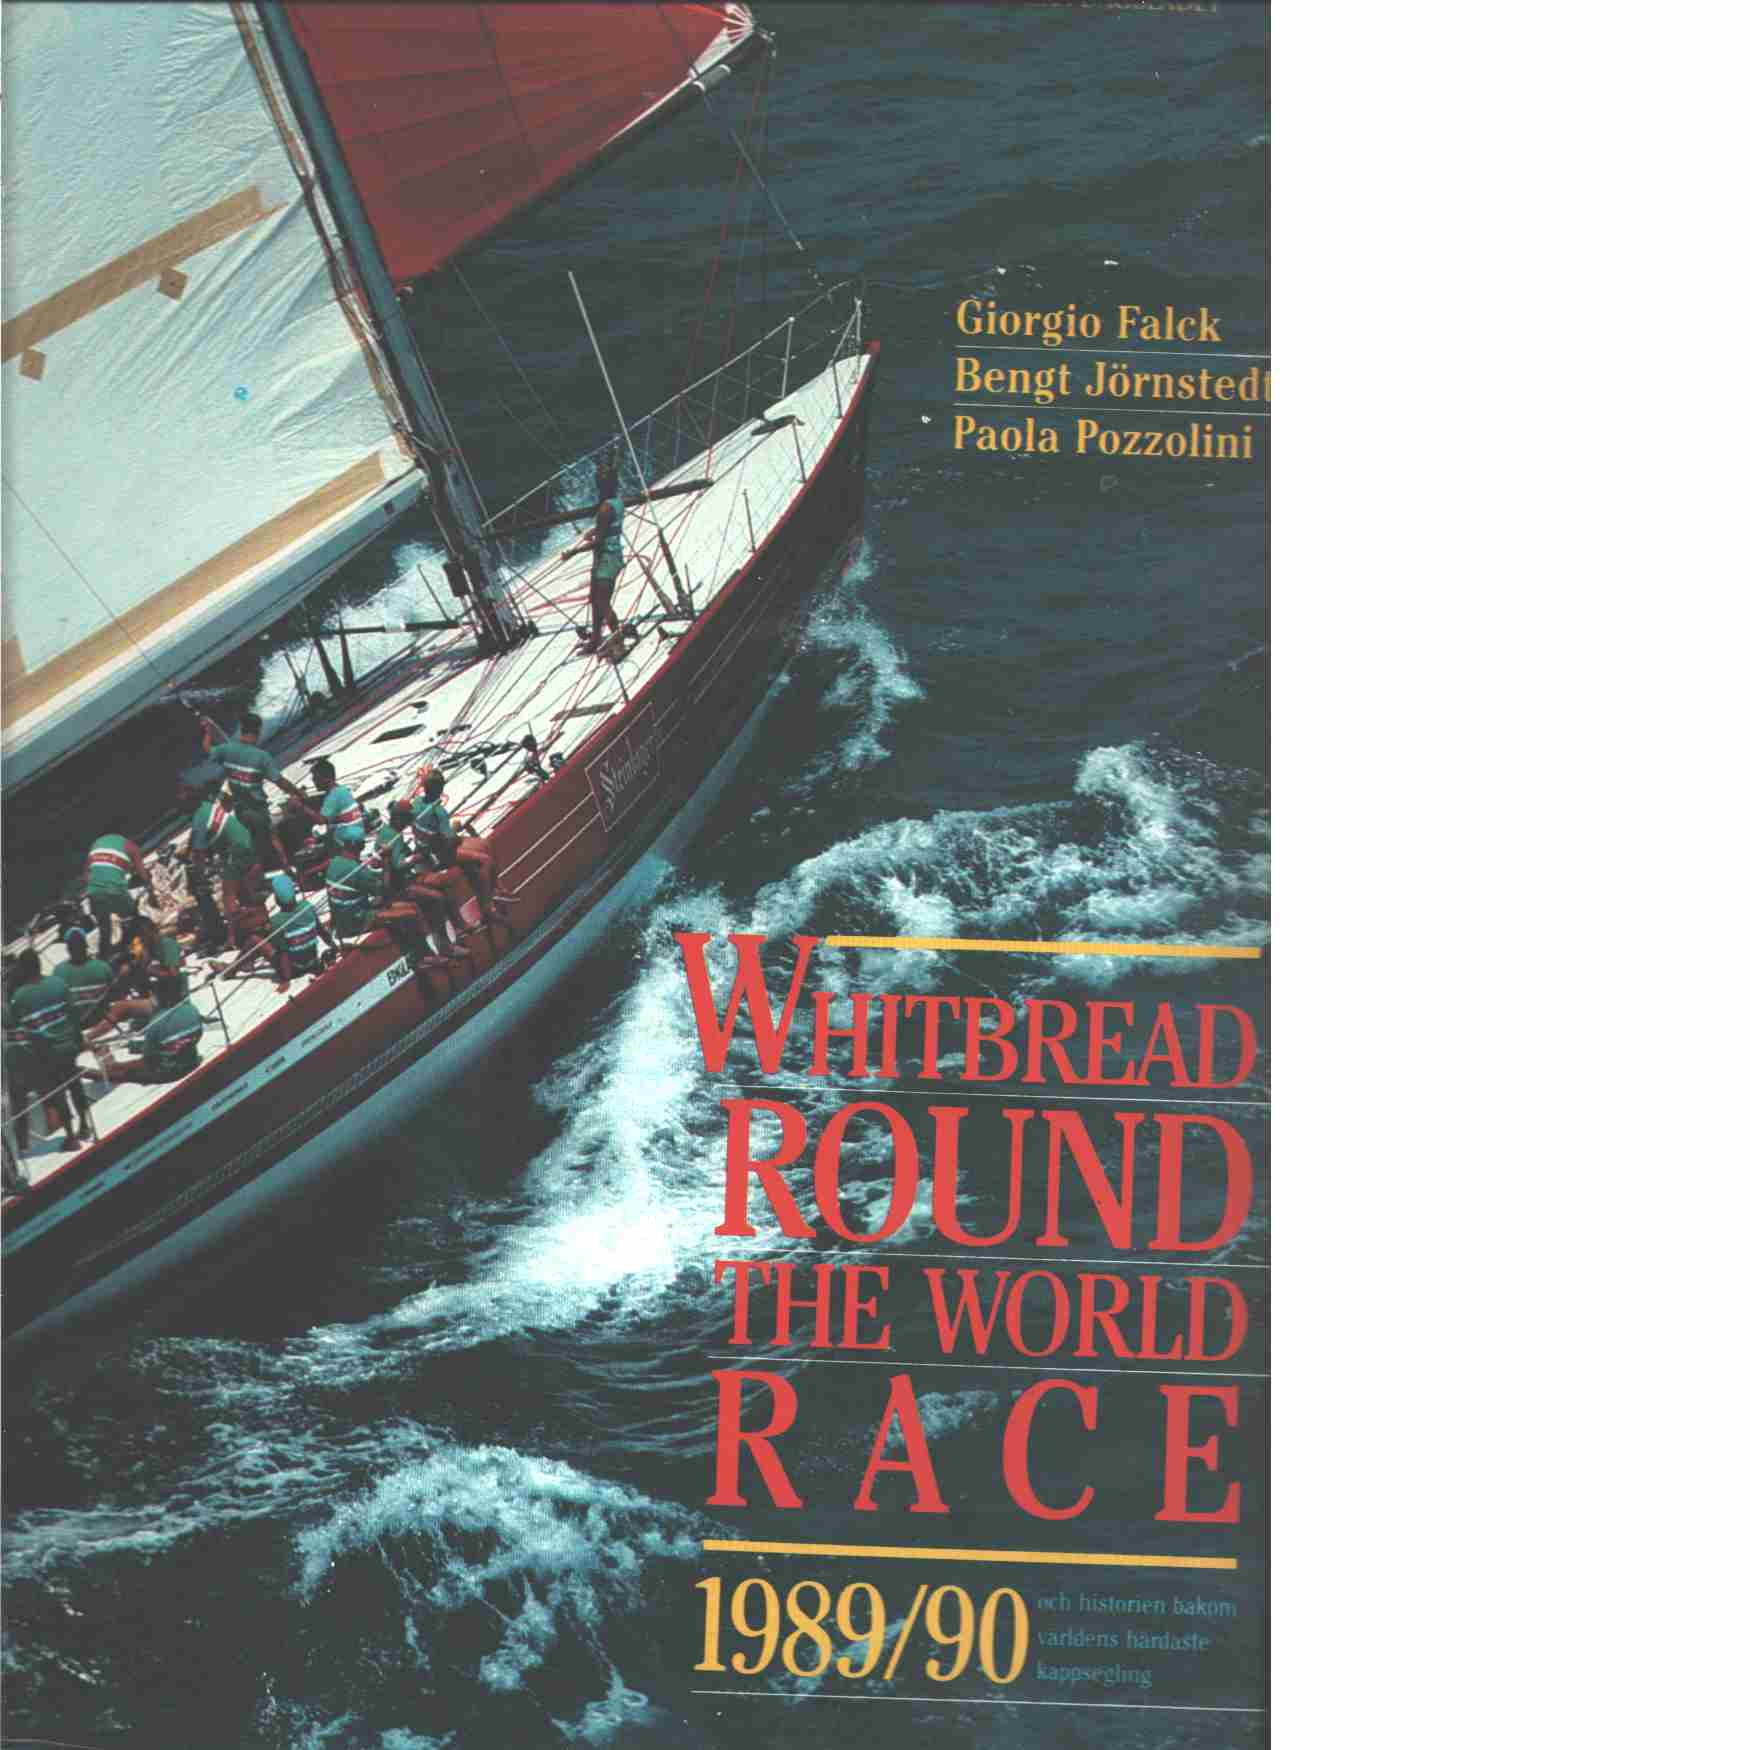 Whitbread Round the World Race 1989/90 : och historien bakom världens hårdaste kappsegling  - Falck, Giorgio och Pozzolini, Paola  samt Jörnstedt, Bengt